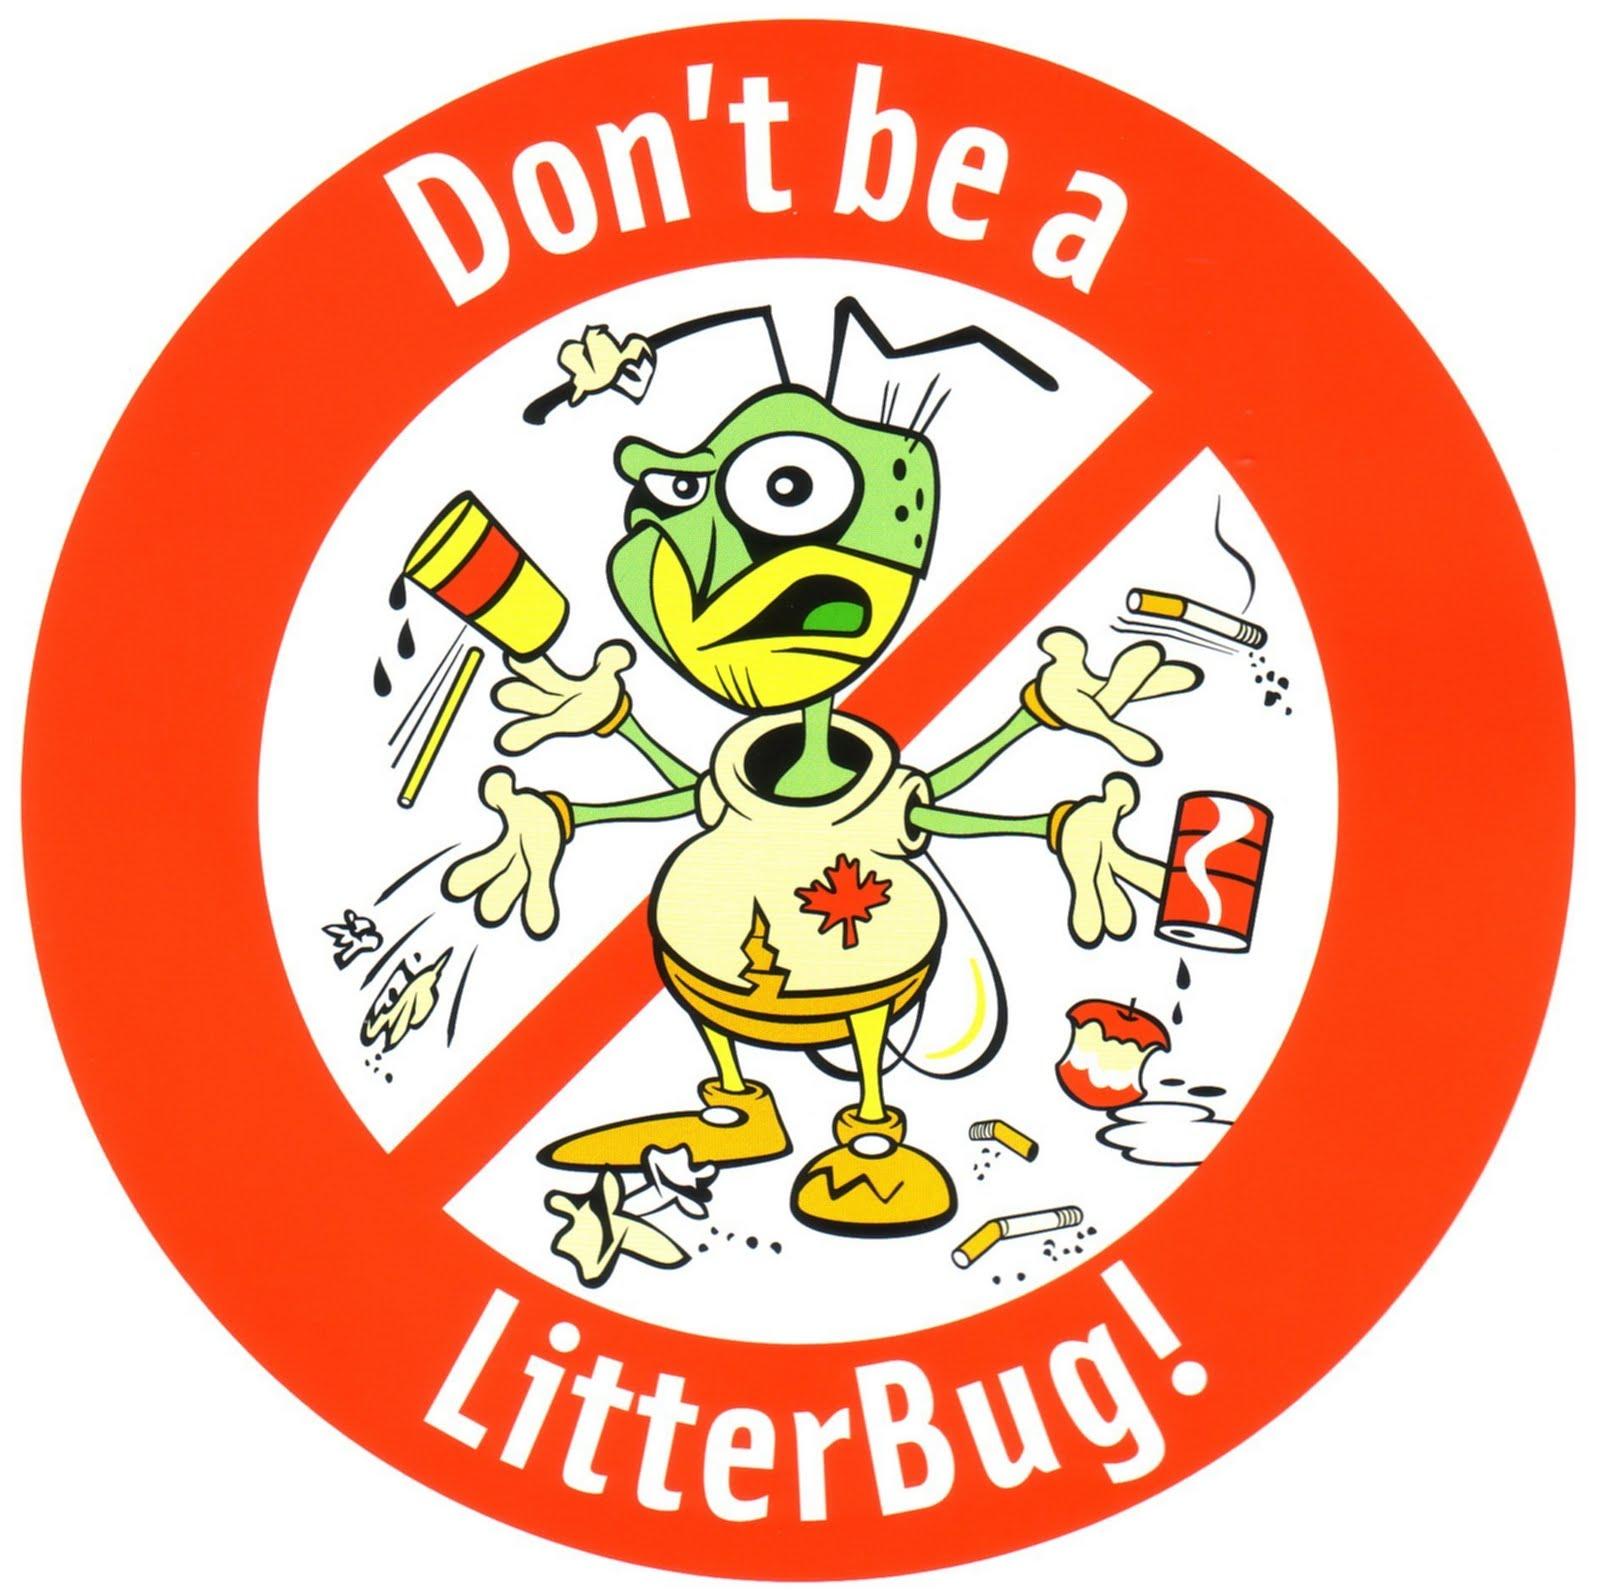 Litter clipart Litter%20clipart Clipart Free Clipart Litter